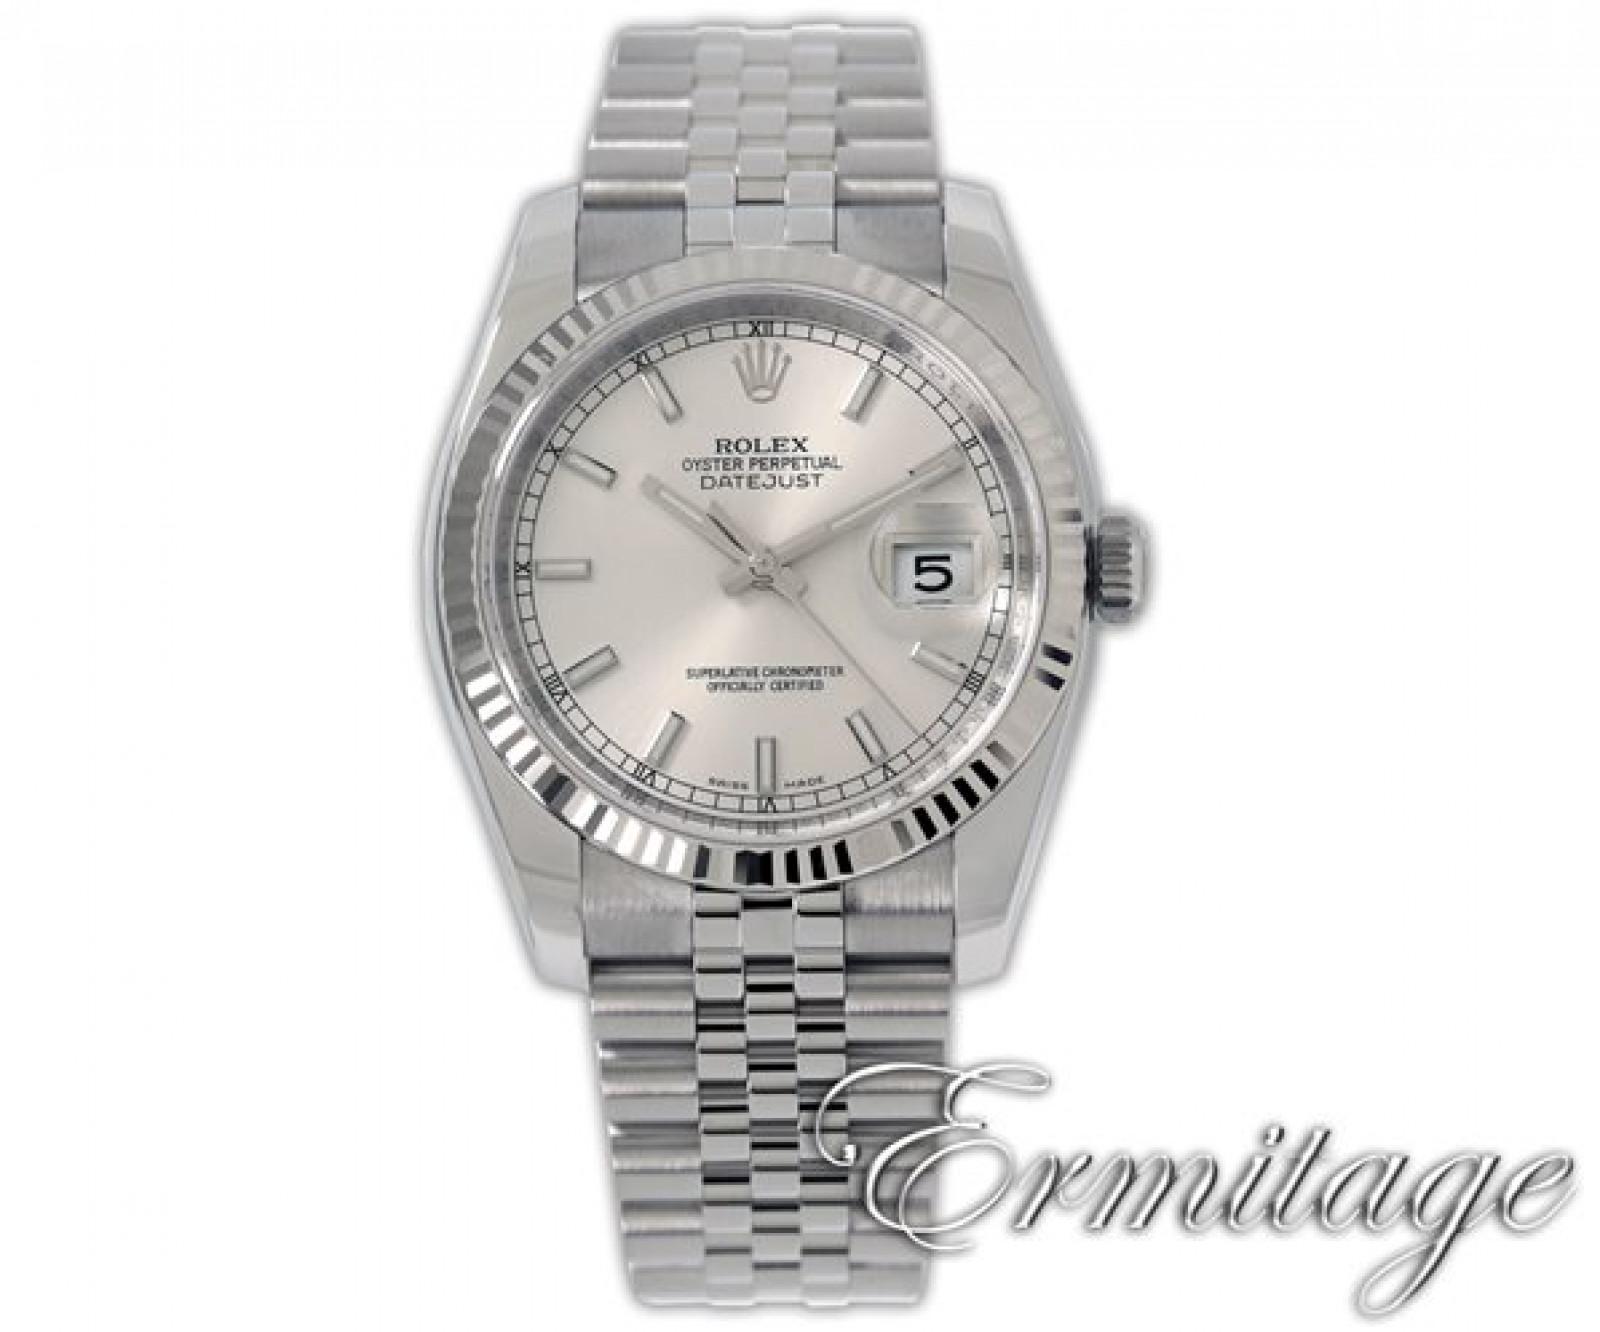 2014 Silver Rolex Datejust Ref. 116234